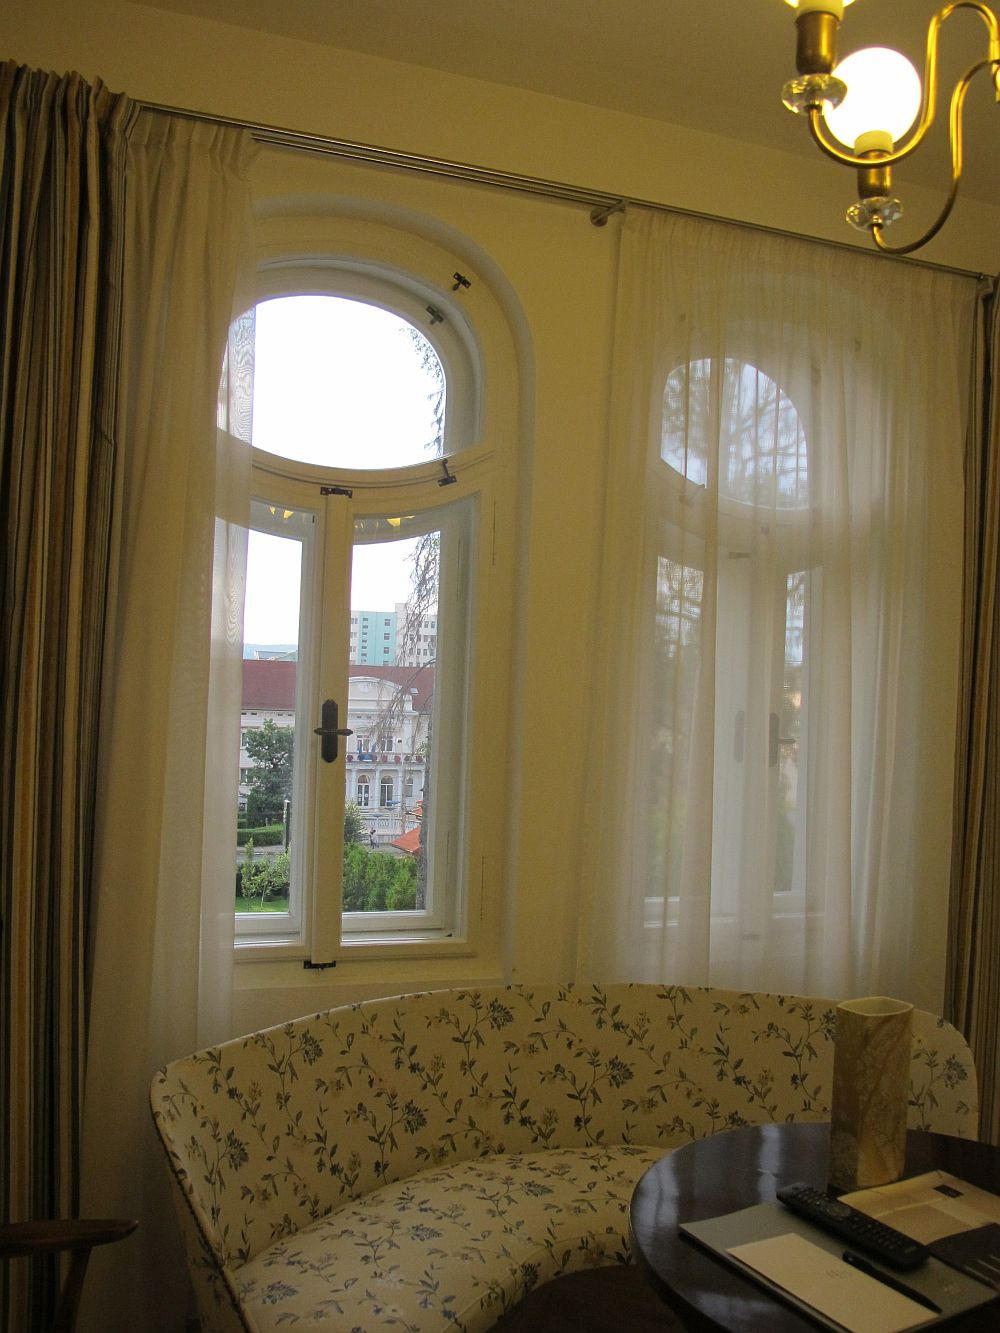 adelaparvu.com despre Hotel Privo, TgMures, Romania, architectura De3 Grup (47)